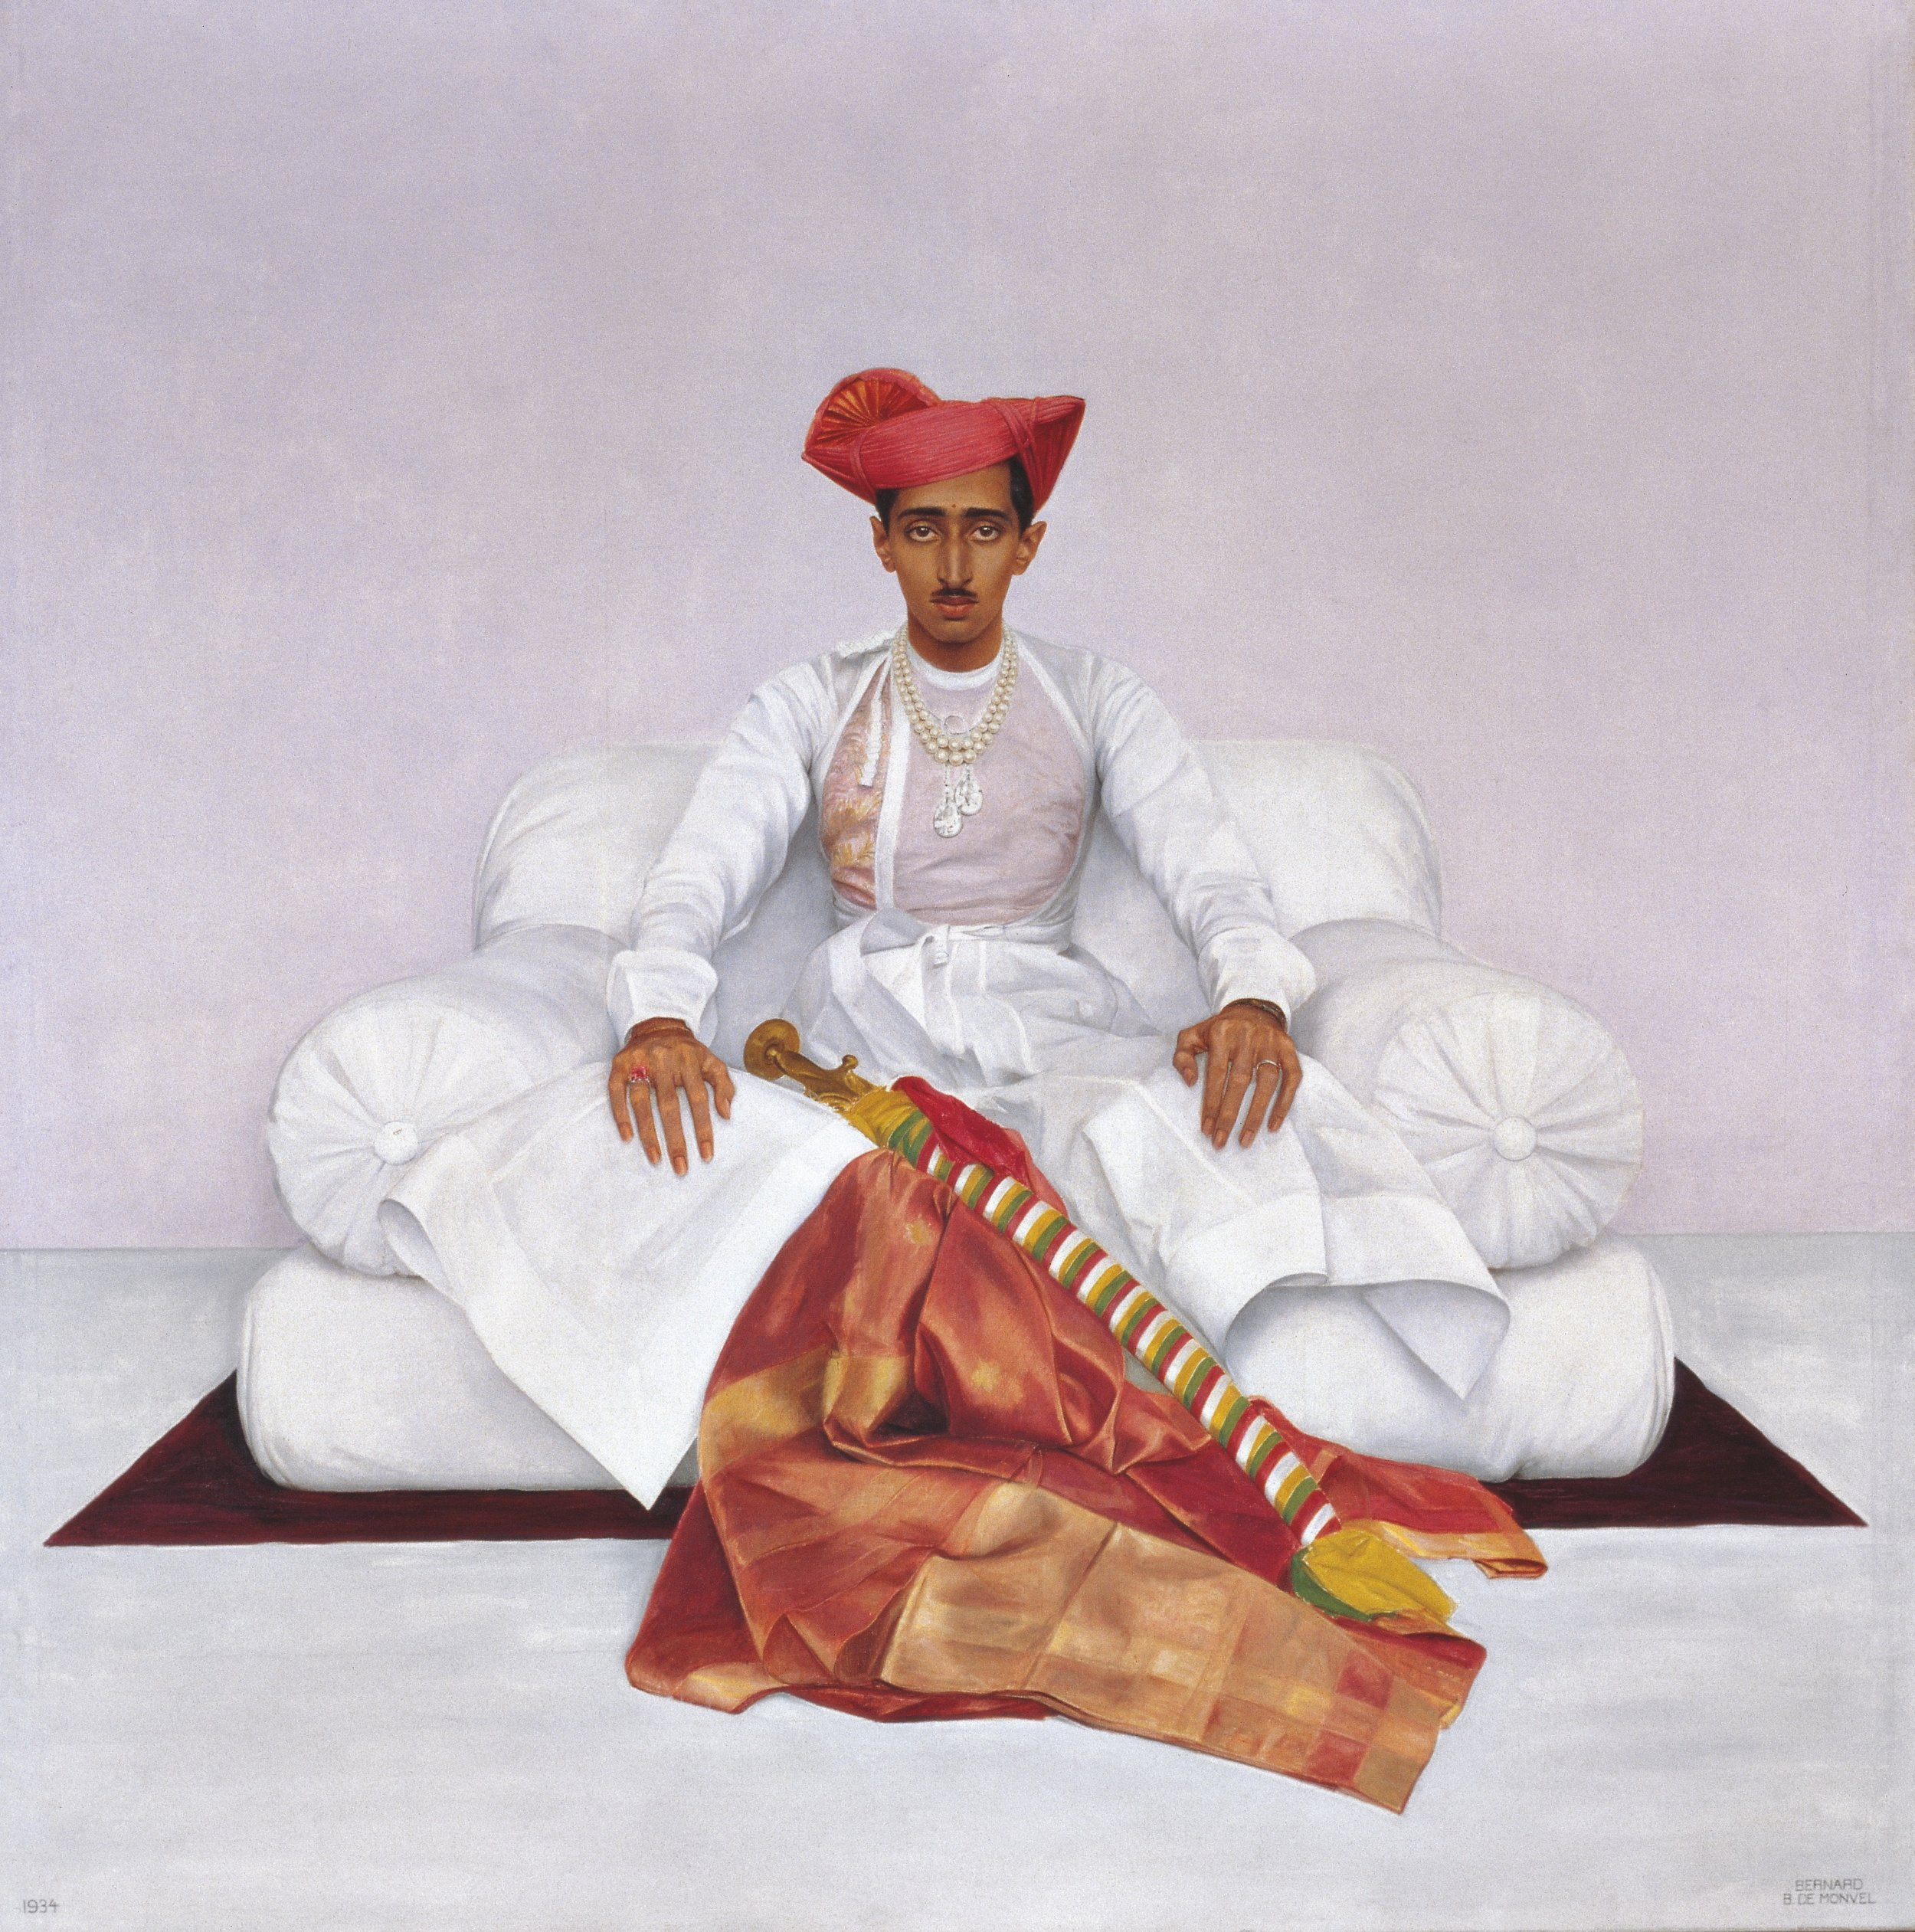 Maharajah of Indore, Bernard Boutet de Monvel, 1933-1934